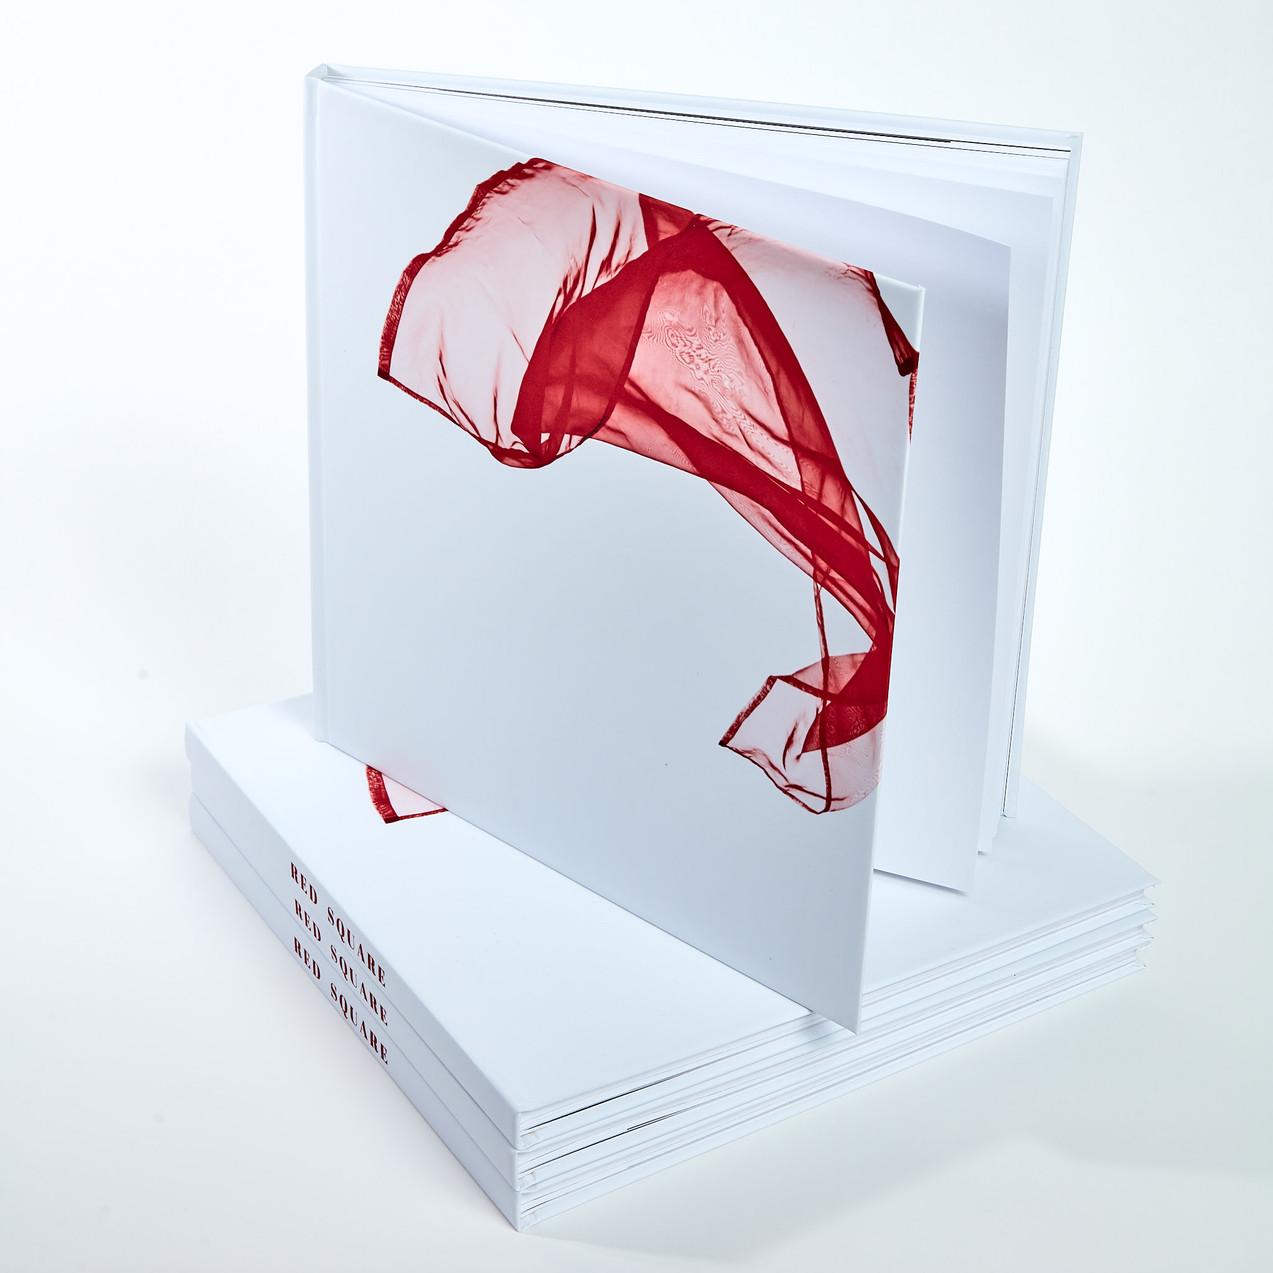 [Red Square] - Le Livre!